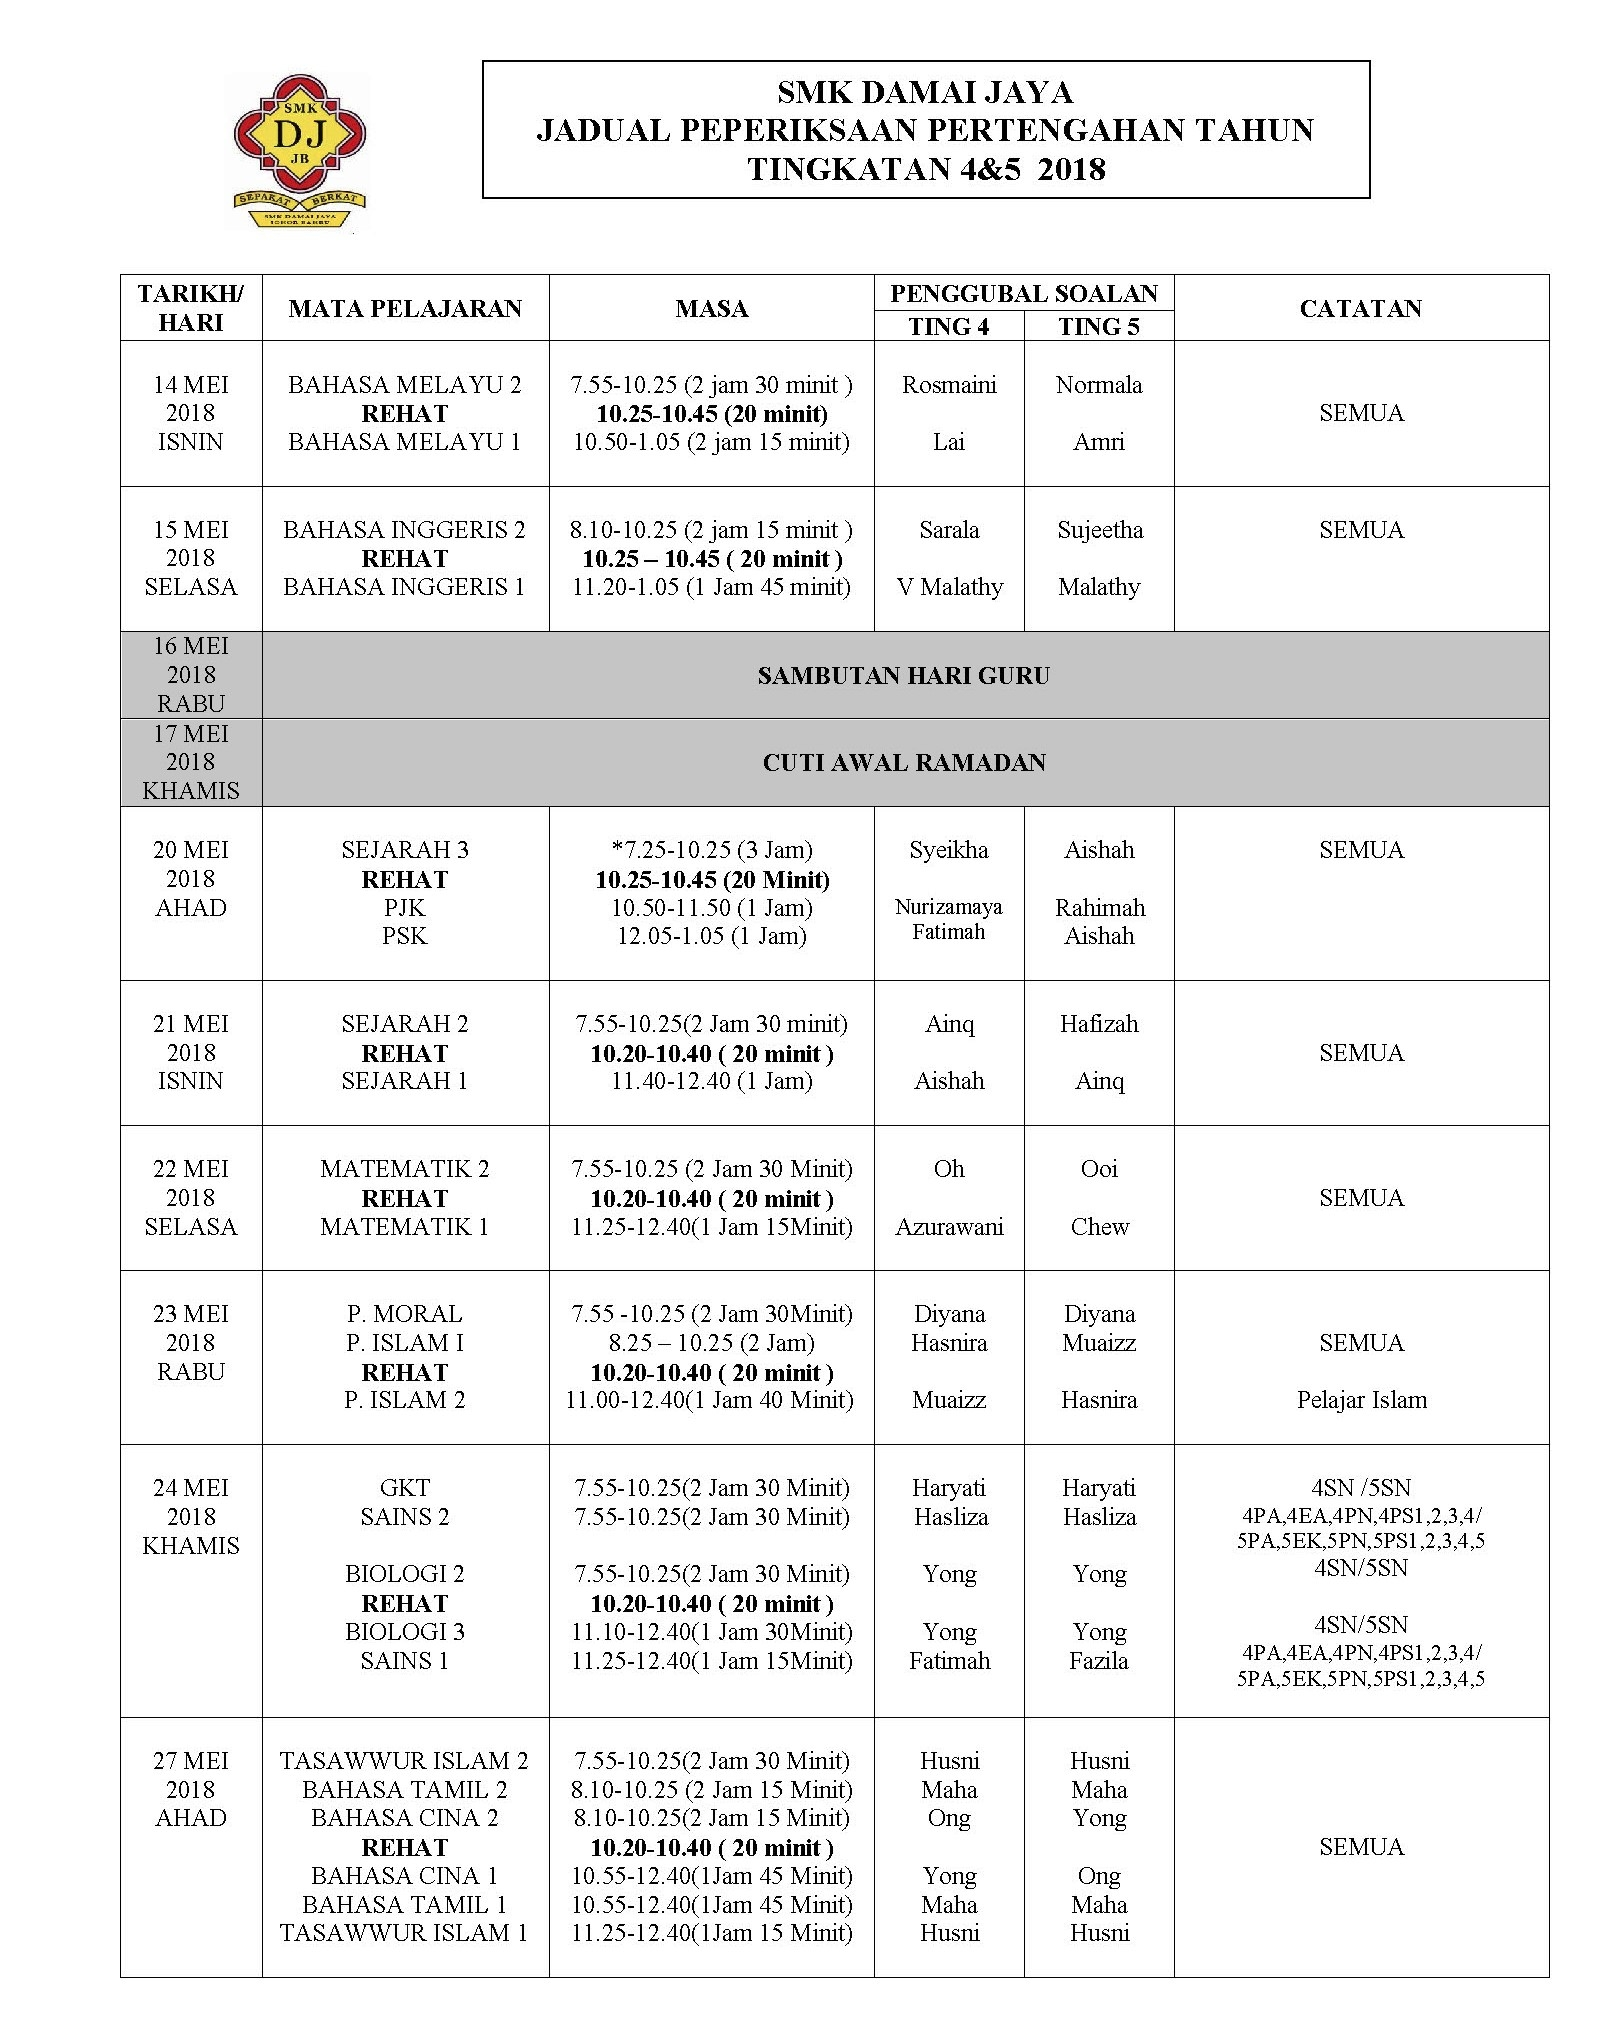 Peperiksaan Awal Tahun Reka Bentuk Dan Teknologi Tingkatan 1 Bermanfaat Admin Laman Rasmi Smk Damai Jaya Of Jom Download soalan Peperiksaan Awal Tahun Reka Bentuk Dan Teknologi Tingkatan 1 Yang Bermanfaat Khas Untuk Murid Perolehi!